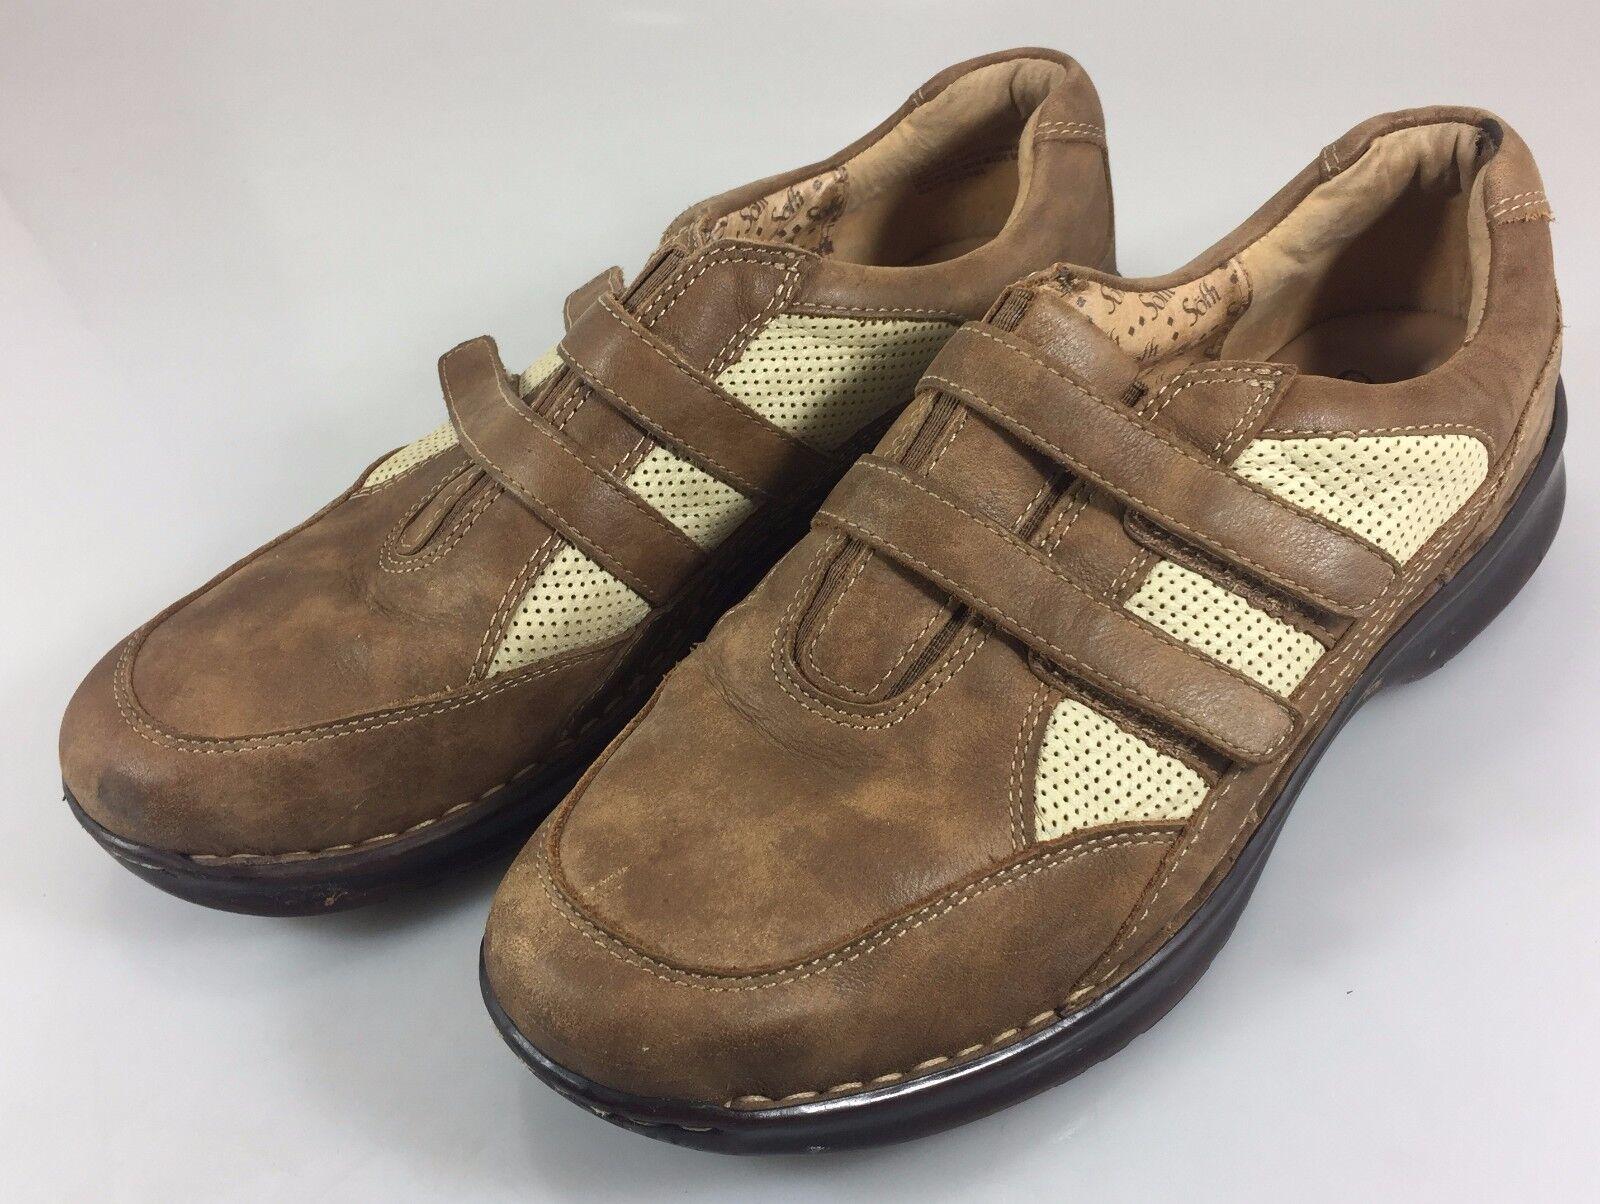 Sofft Zapatos para Caminar Cuero Marrón Marrón Marrón para Mujer 8 M & Malla de bronceado  precio al por mayor